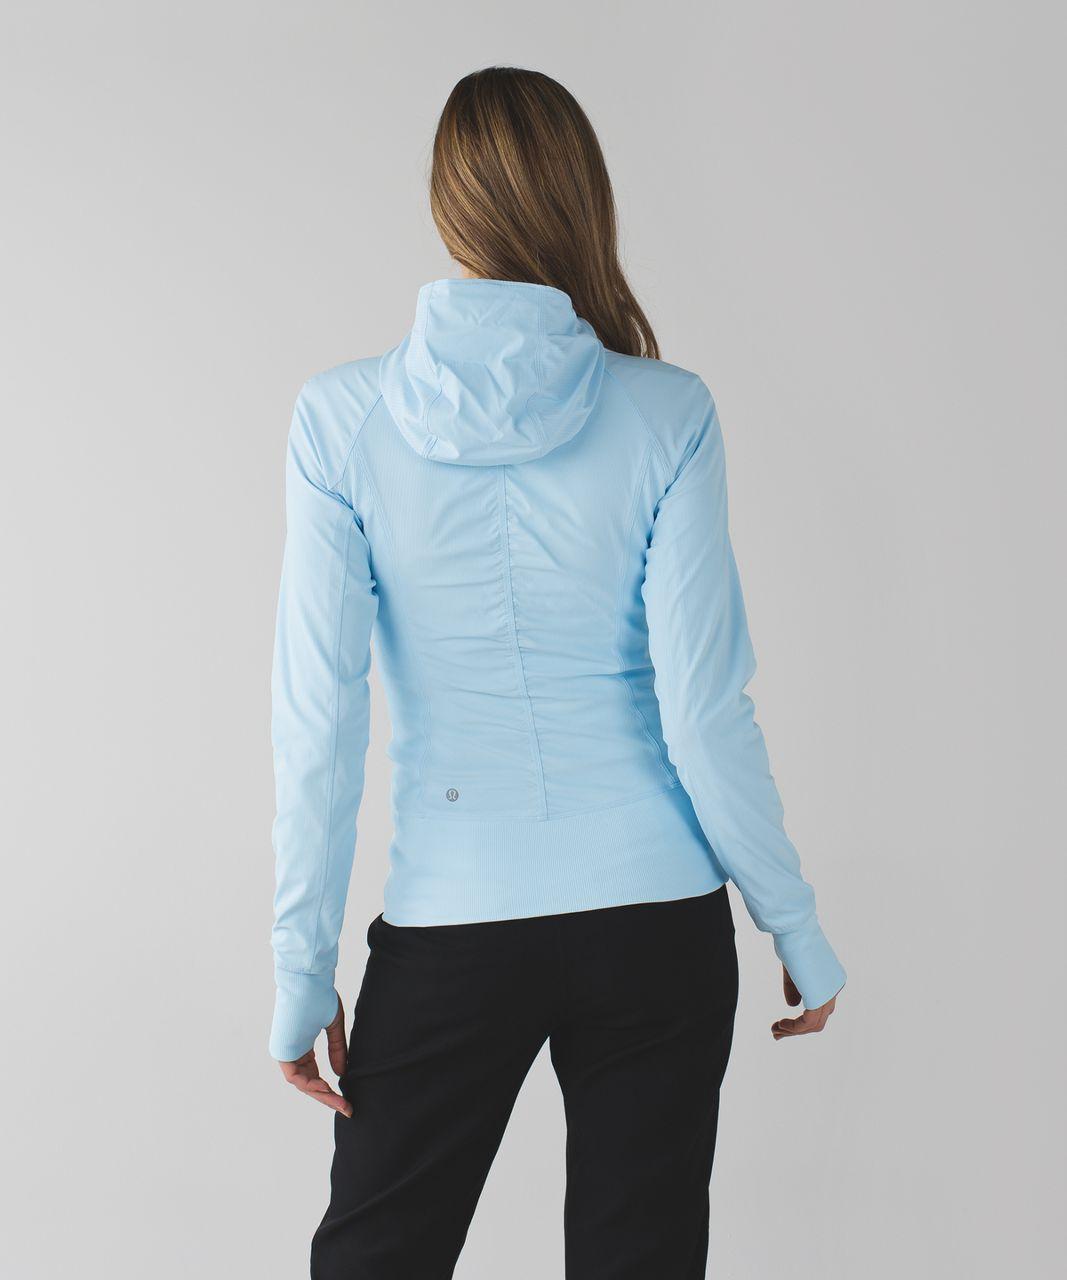 Lululemon In Flux Jacket - Caspian Blue